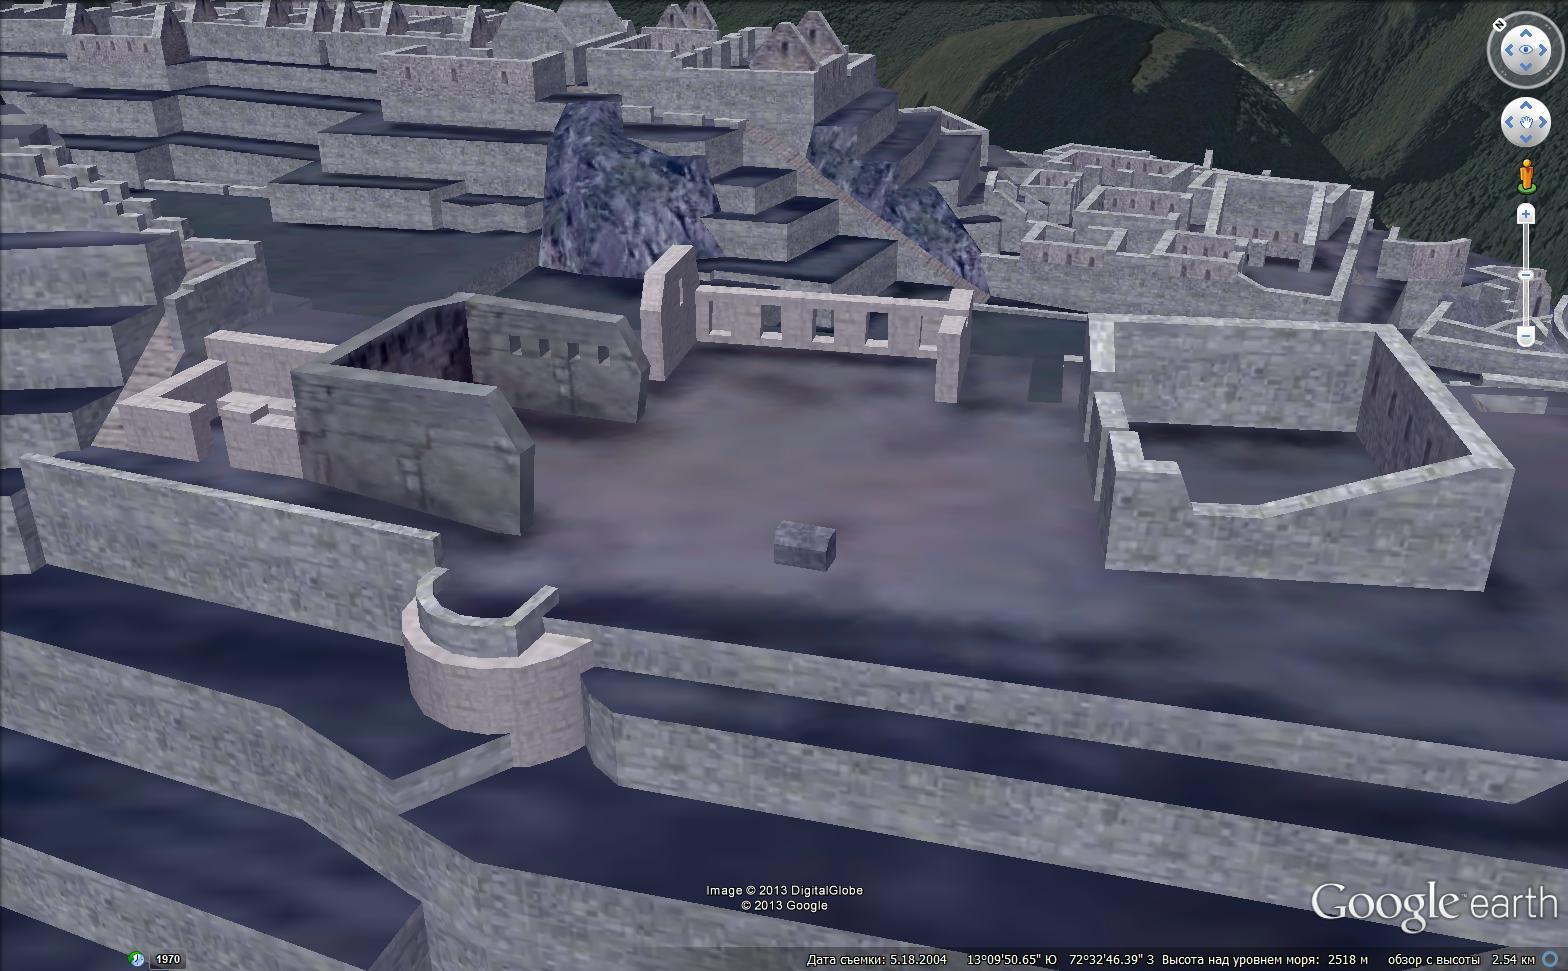 Рис.2.1.13 3D-модель площадки, на которой, слева – главный храм, по центру храм трех окон, справа прямоугольное здание из рваного камня.